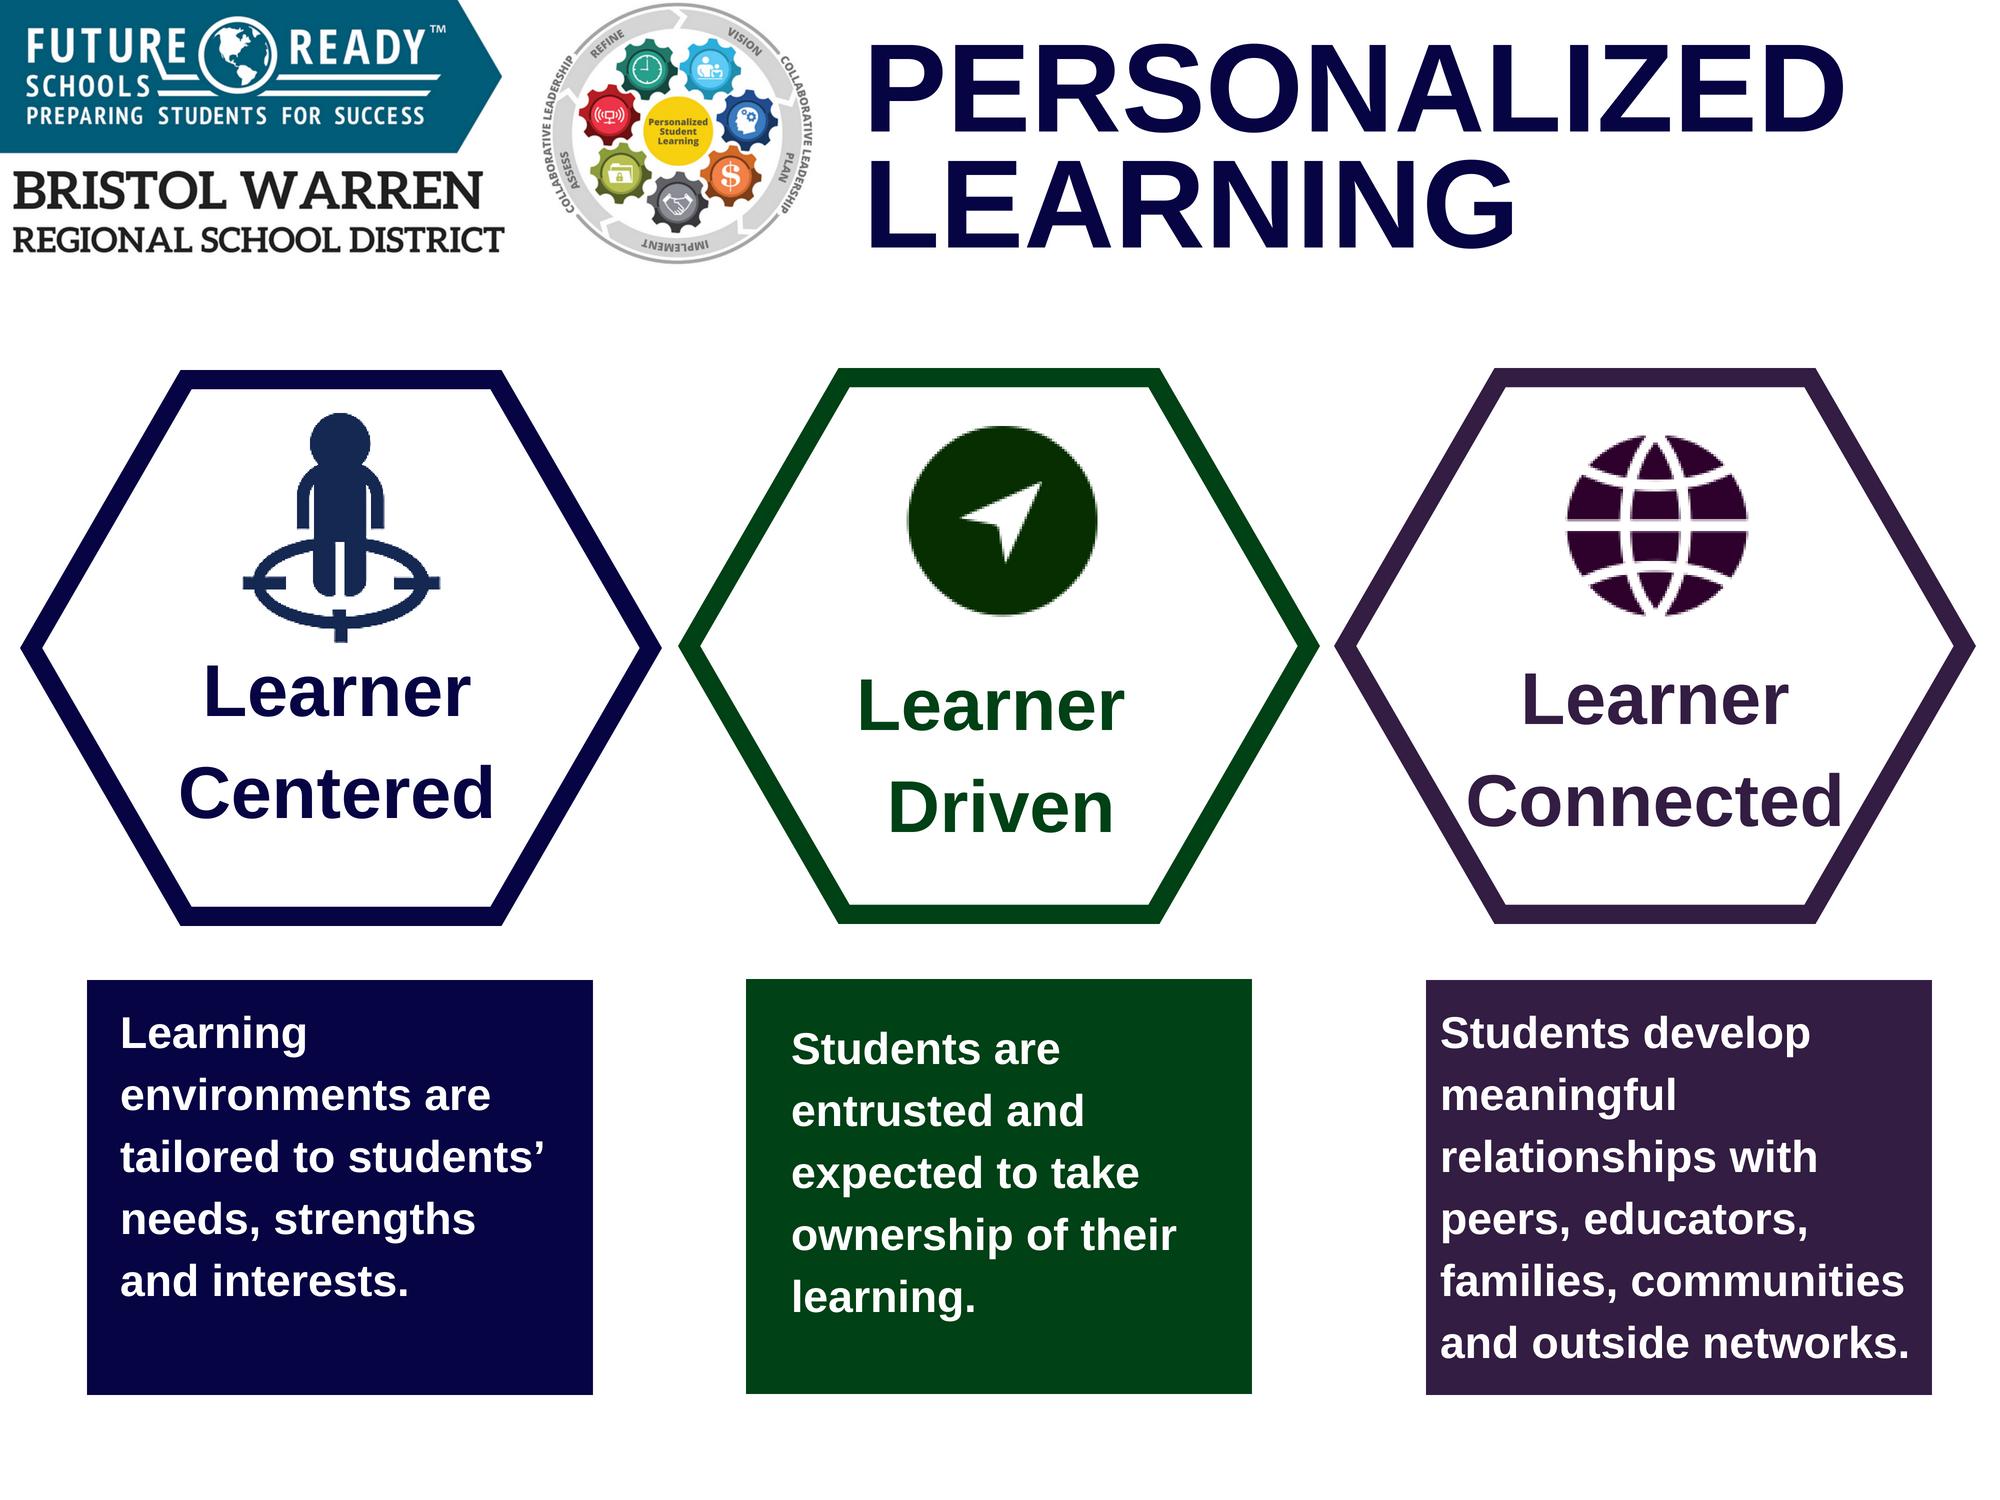 Bristol Warren Regional School District's Personalized Learning Framework